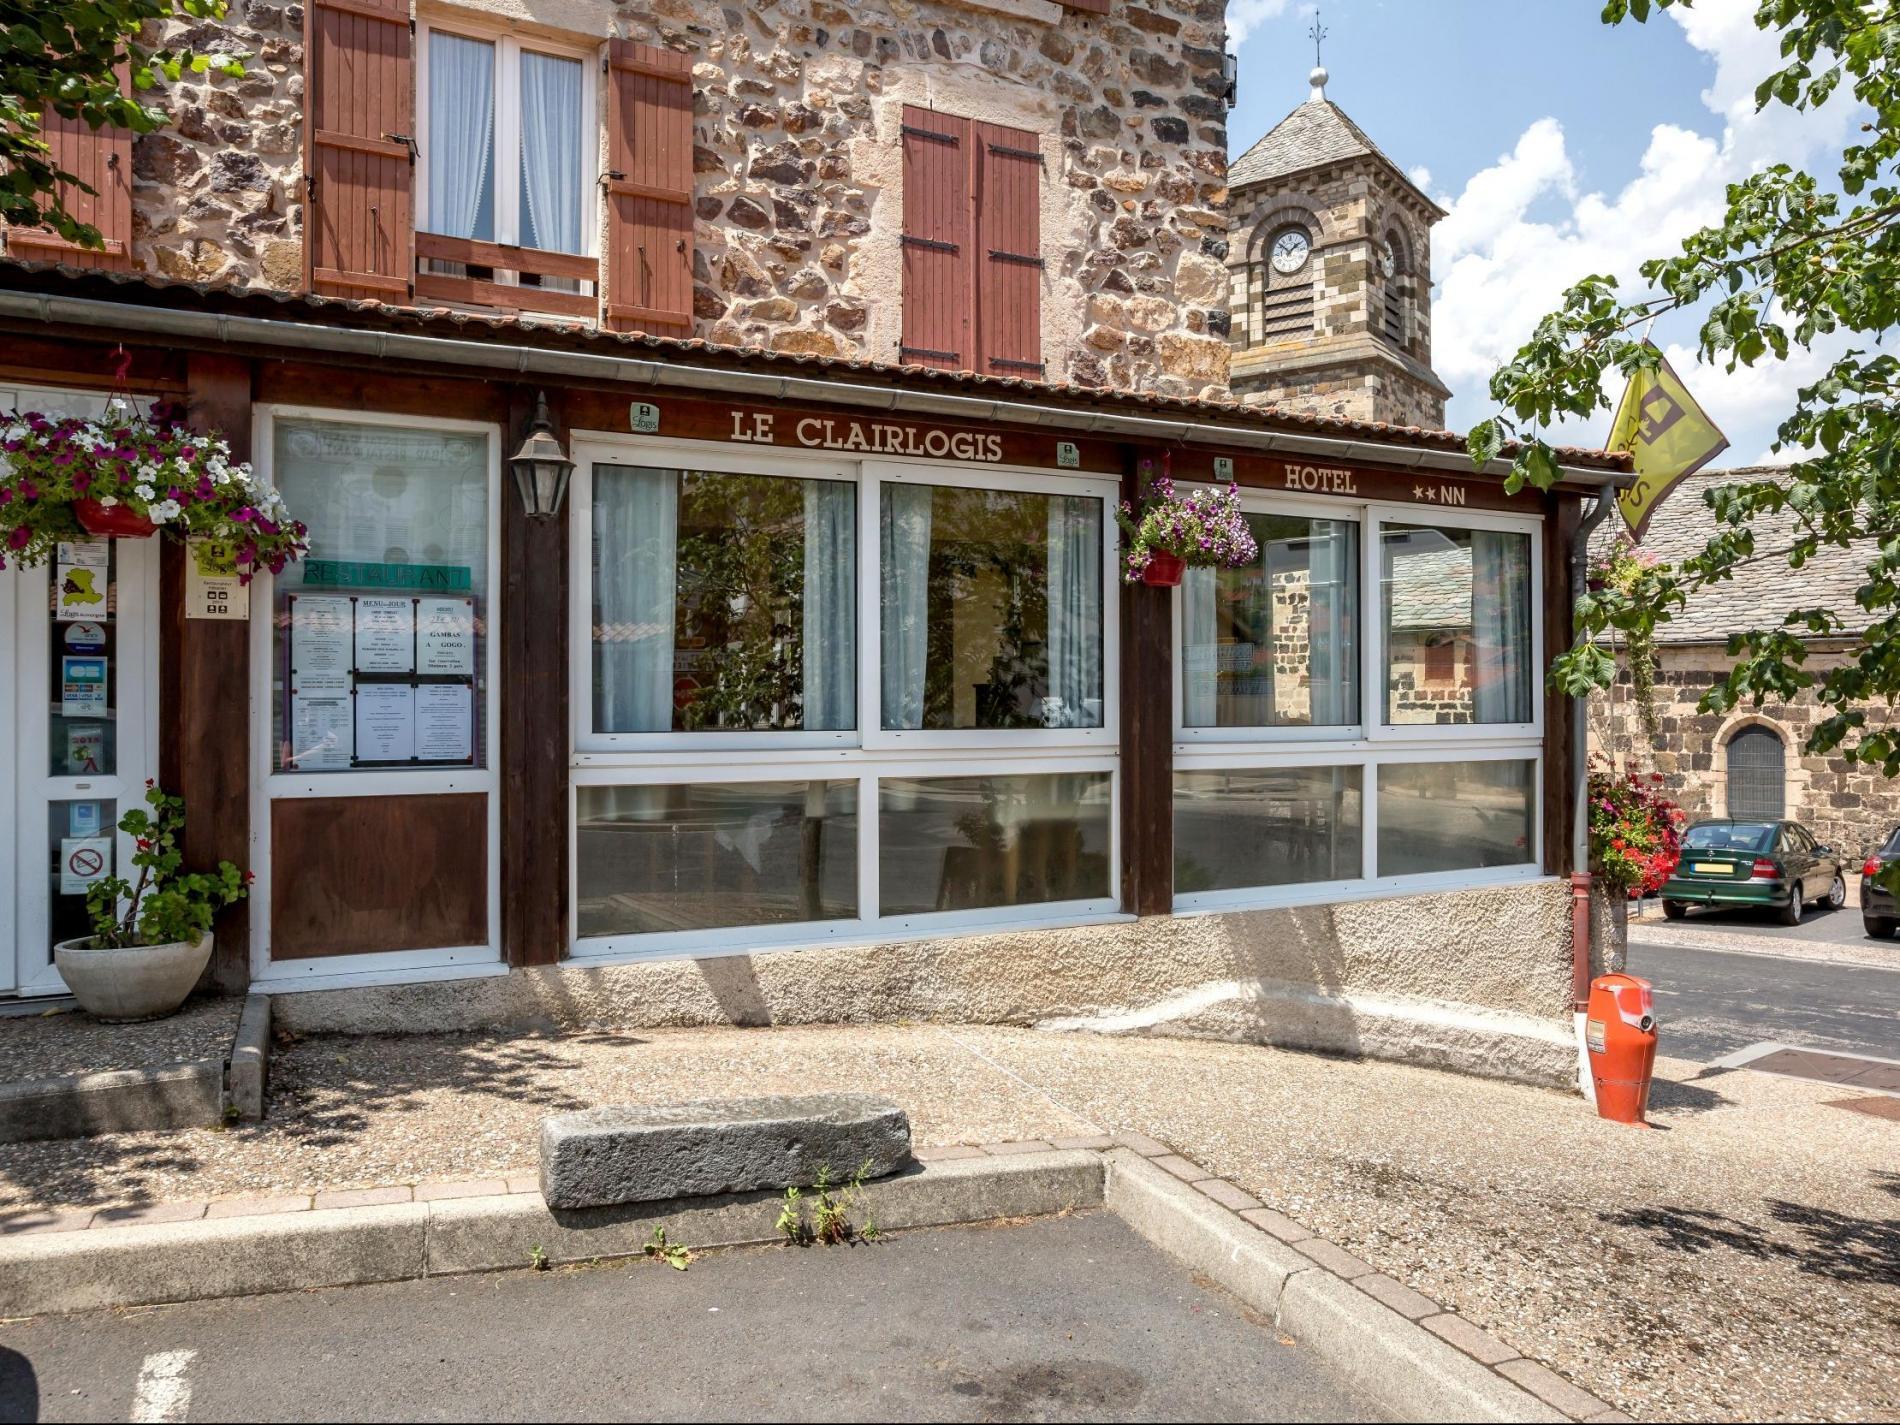 Restaurant laussonne proche sources de la loire et du for Le clair logis